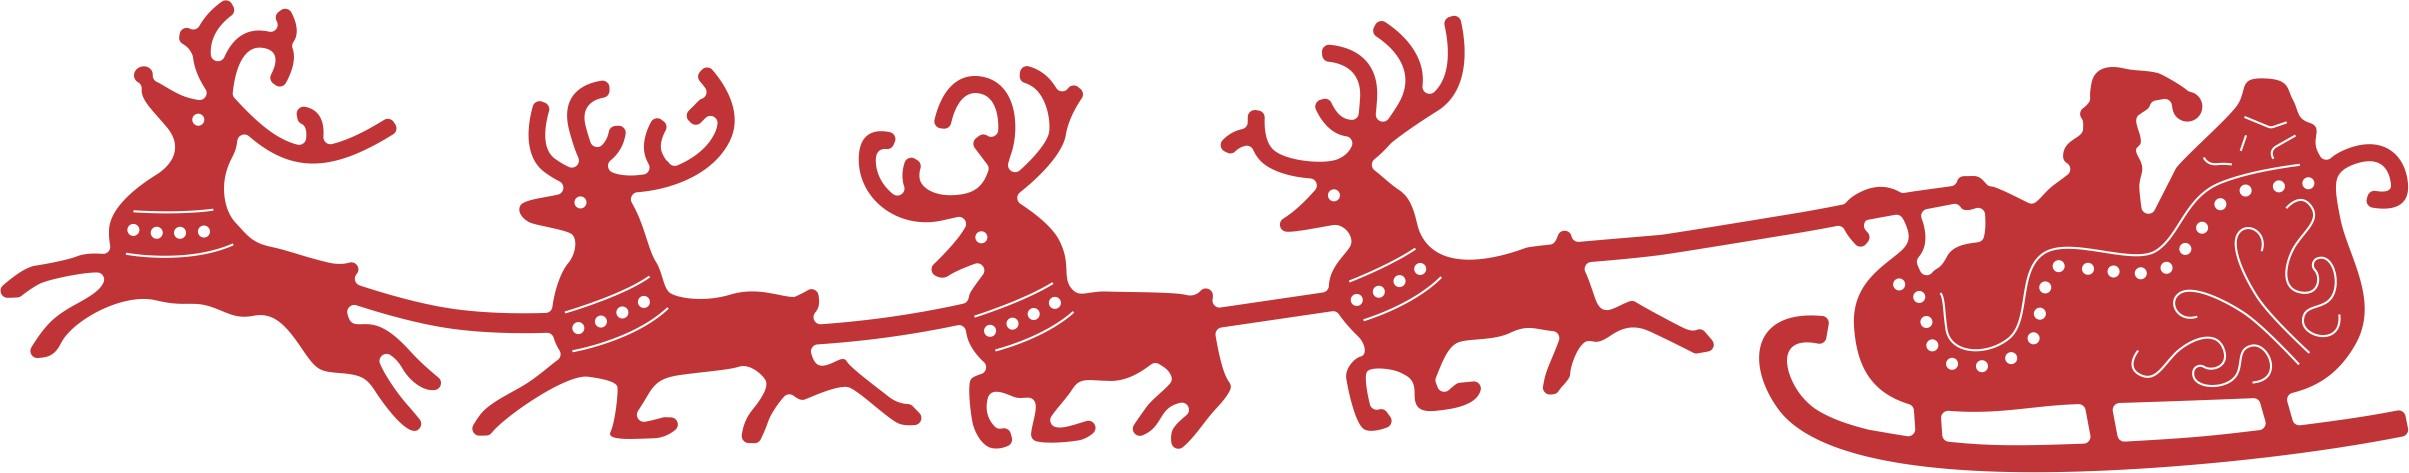 Christmas Reindeer Sleigh Clipart.